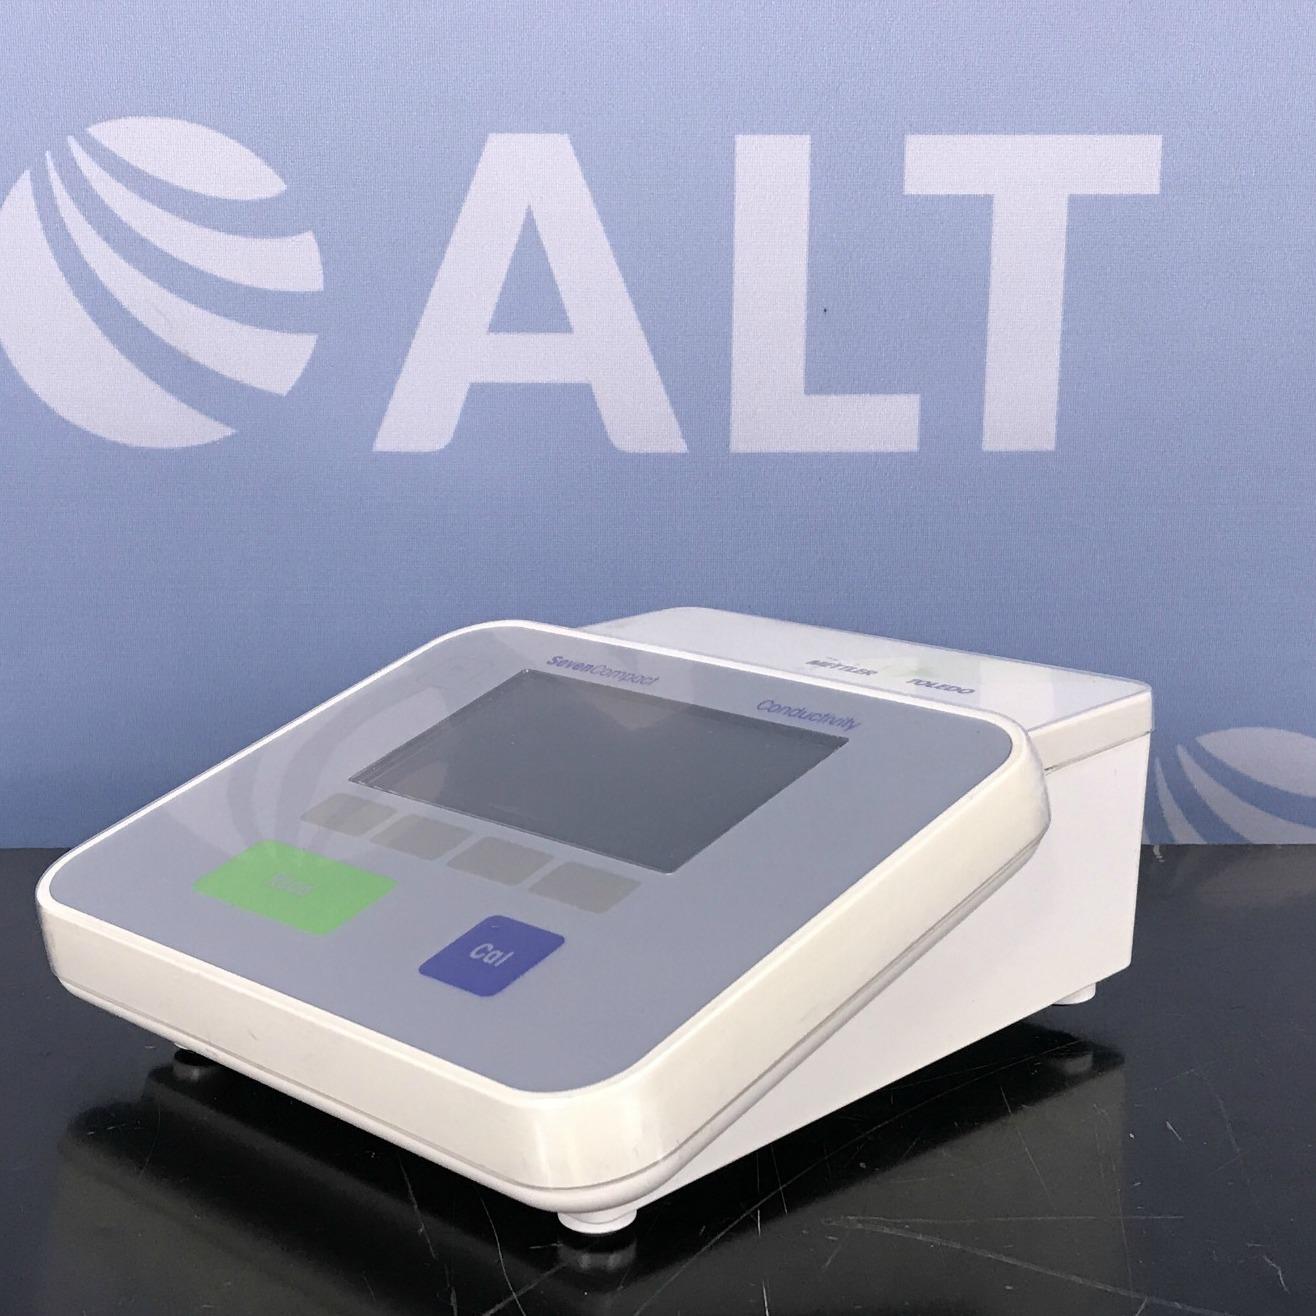 Mettler Toledo S230 SevenCompact Conductivity Meter Image